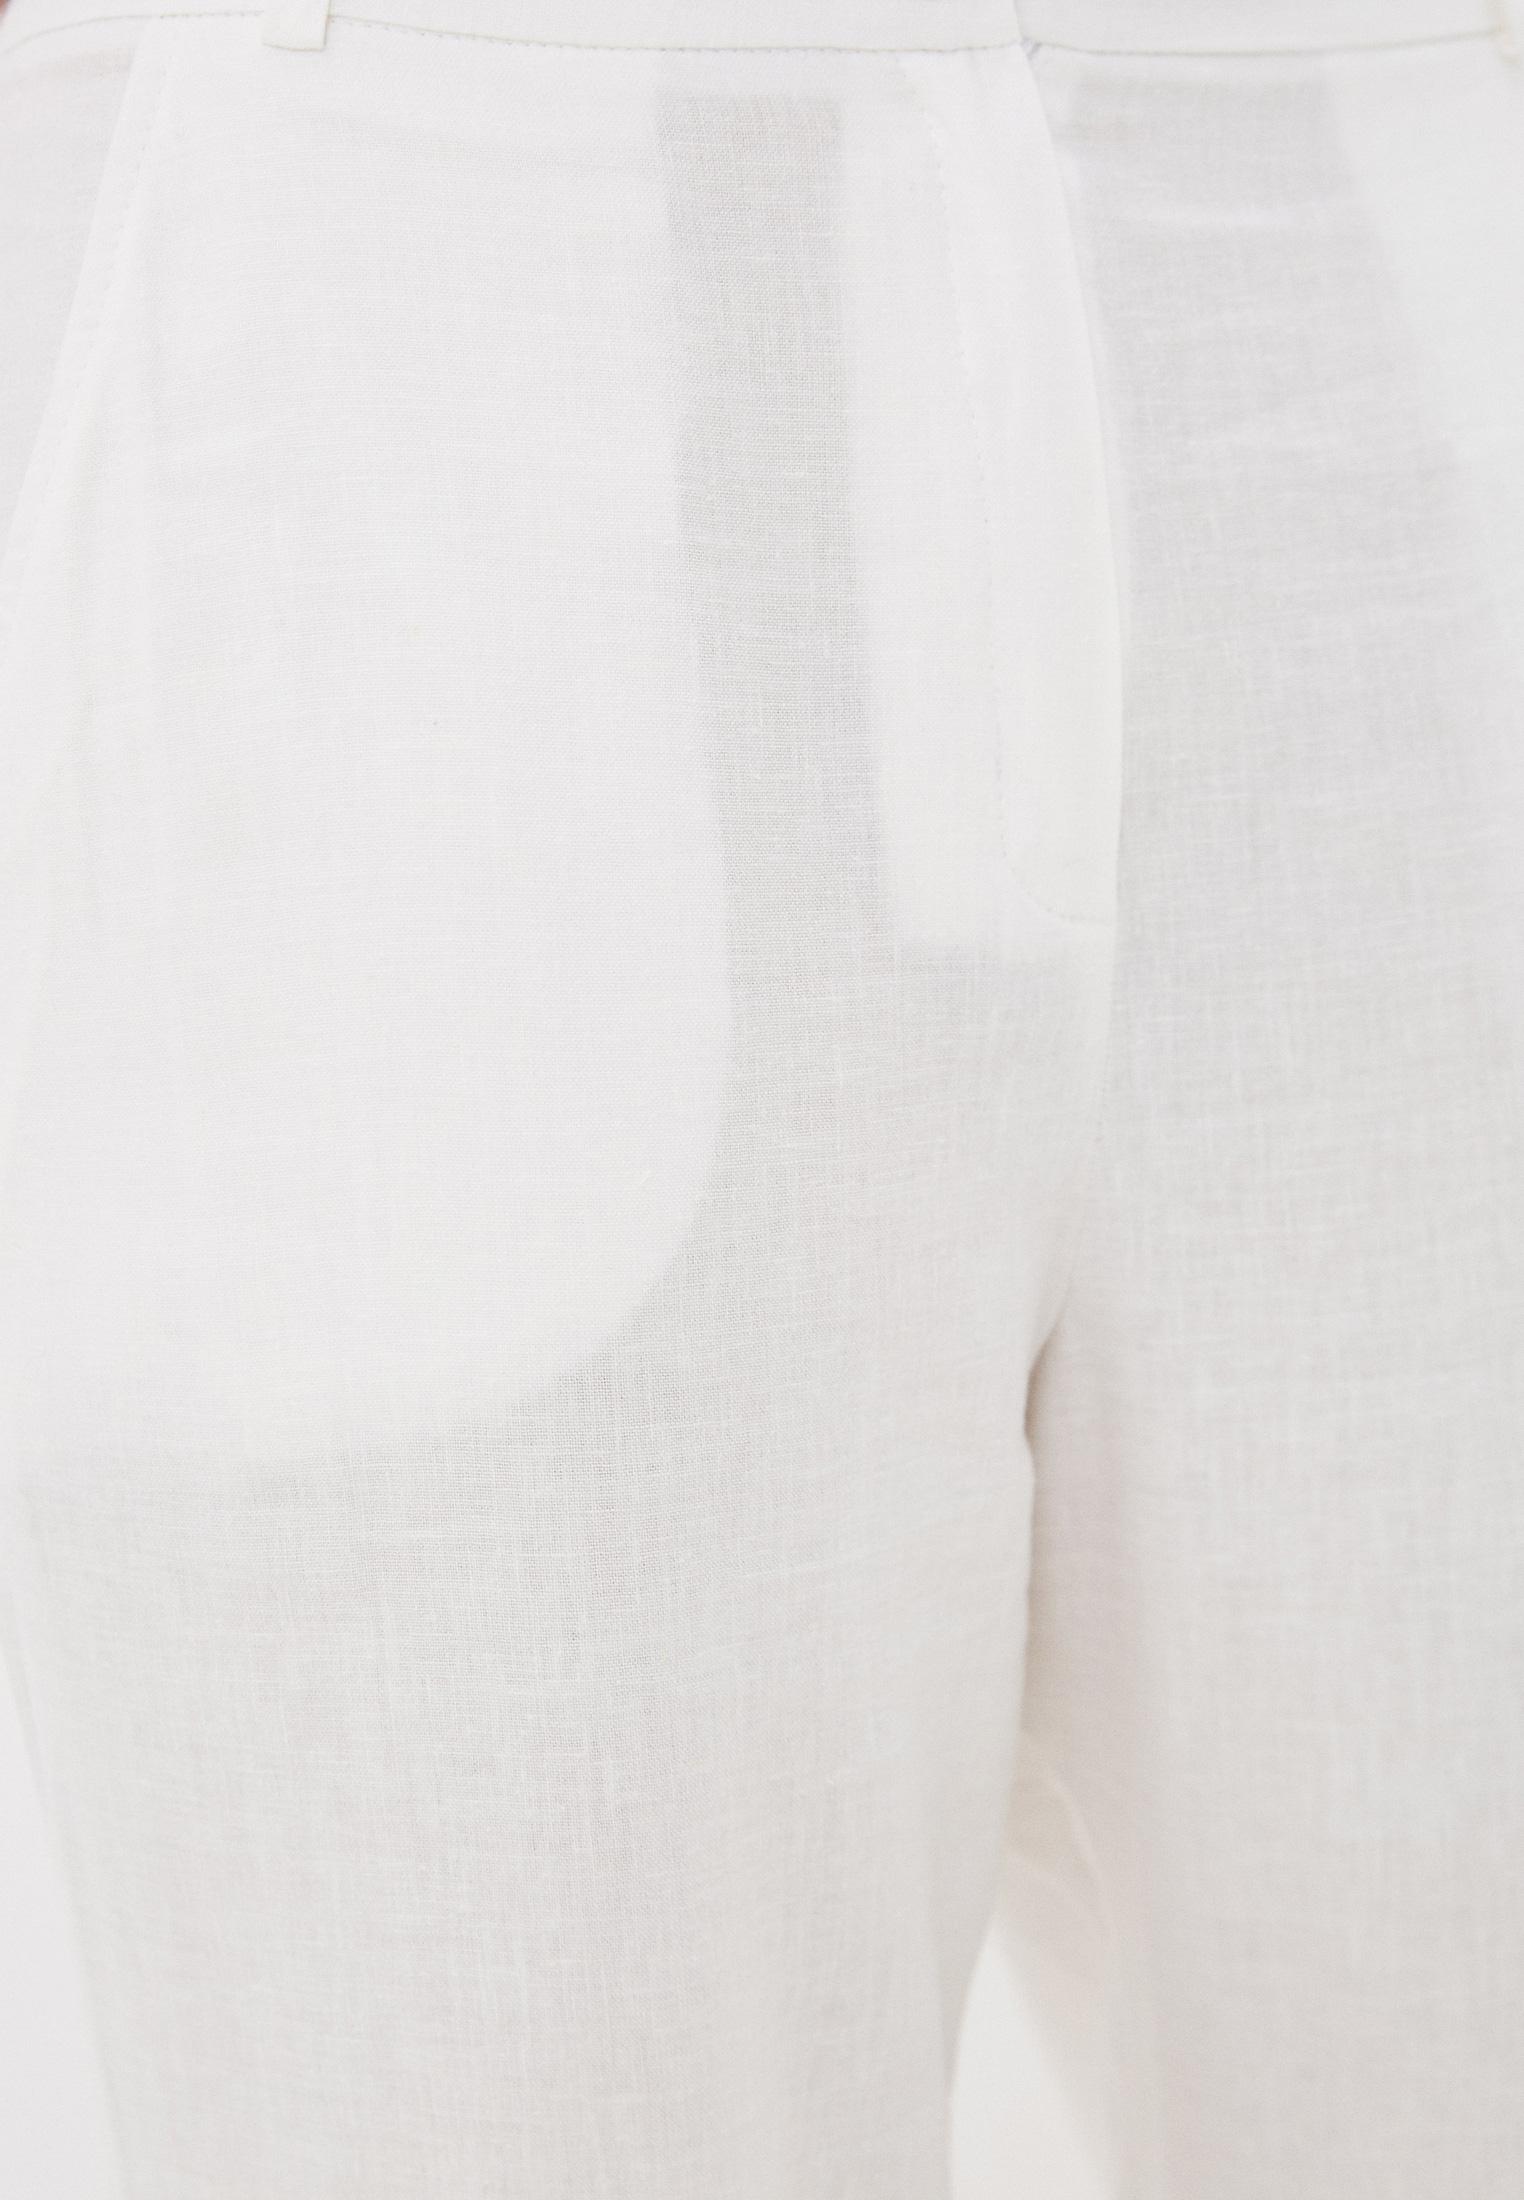 Женские прямые брюки Nataliy Beate Брюки мод.547: изображение 4